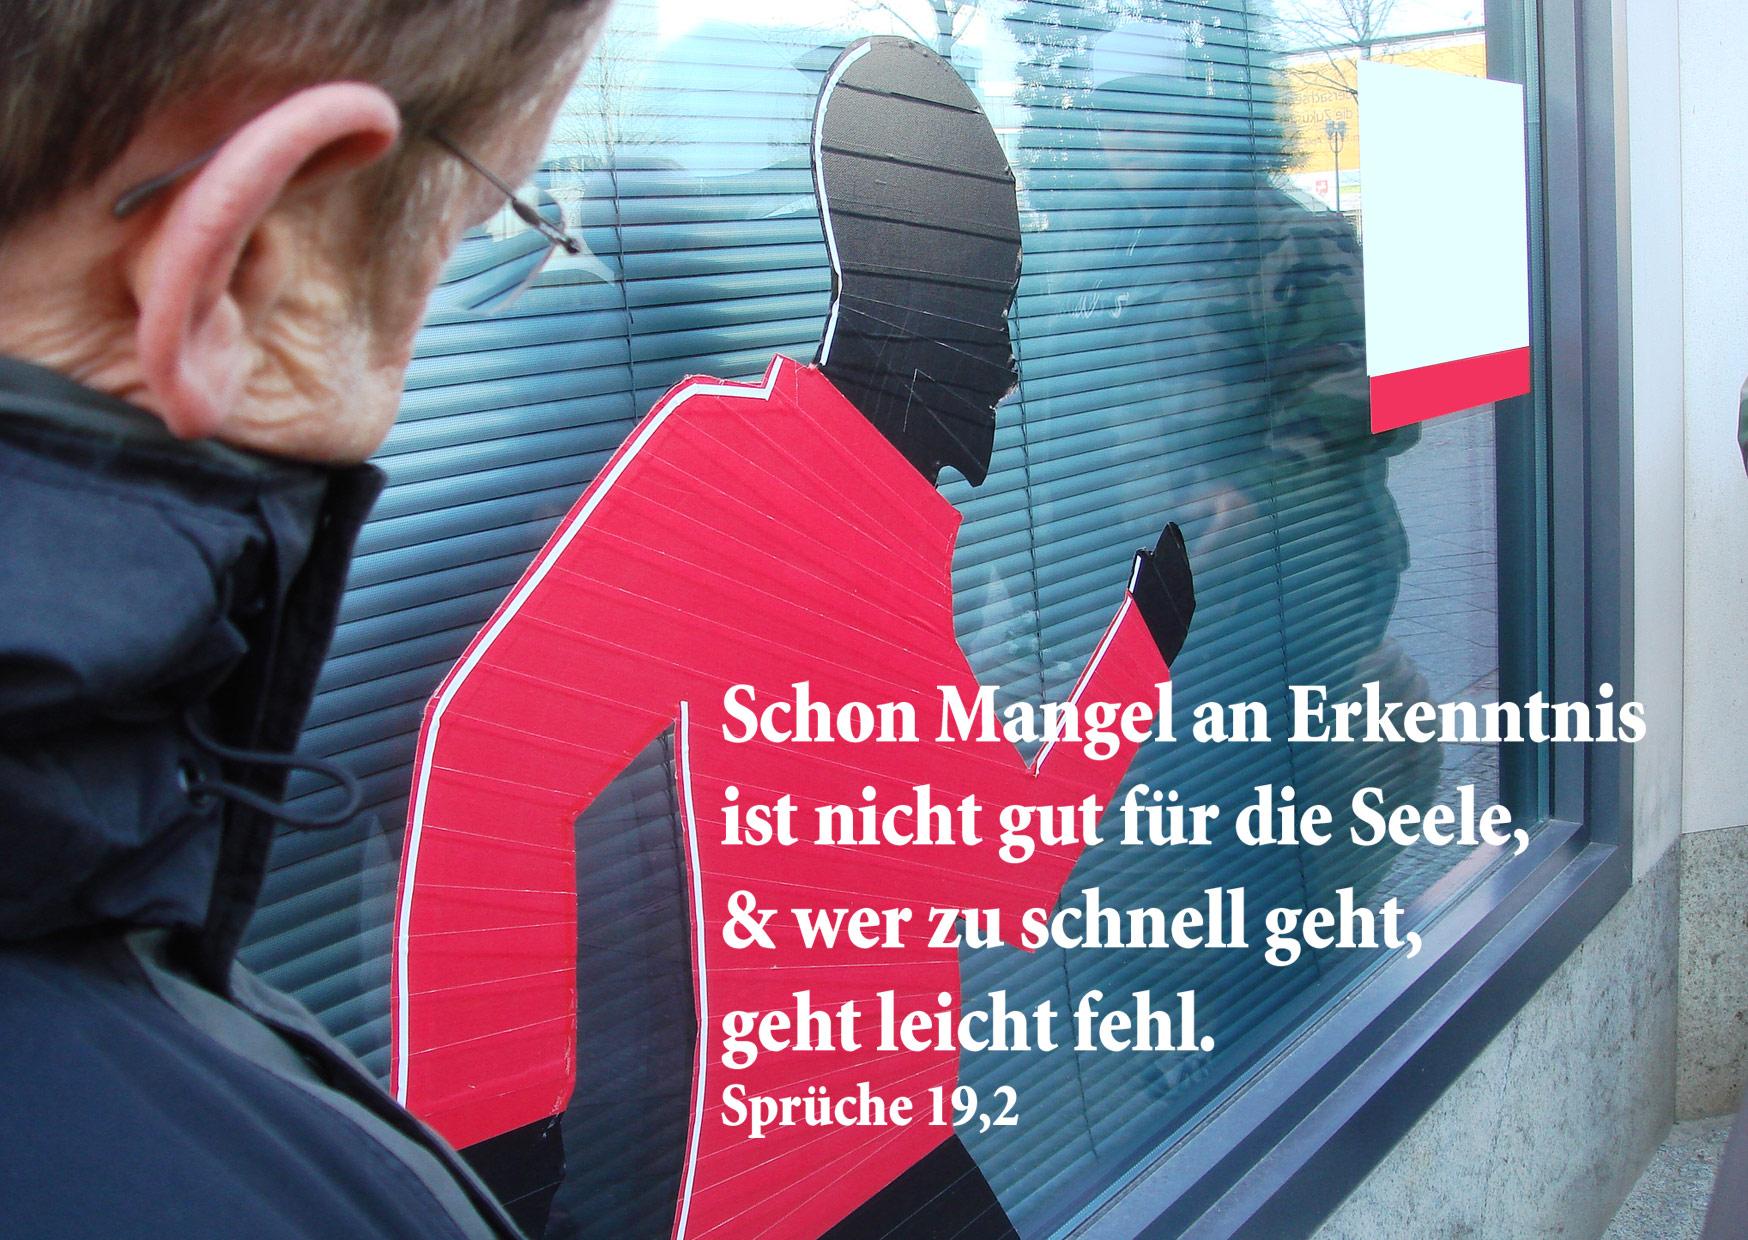 Bibelzitat, Sprüche 19,1, Foto: Danzer, Walter, go 4 Jesus